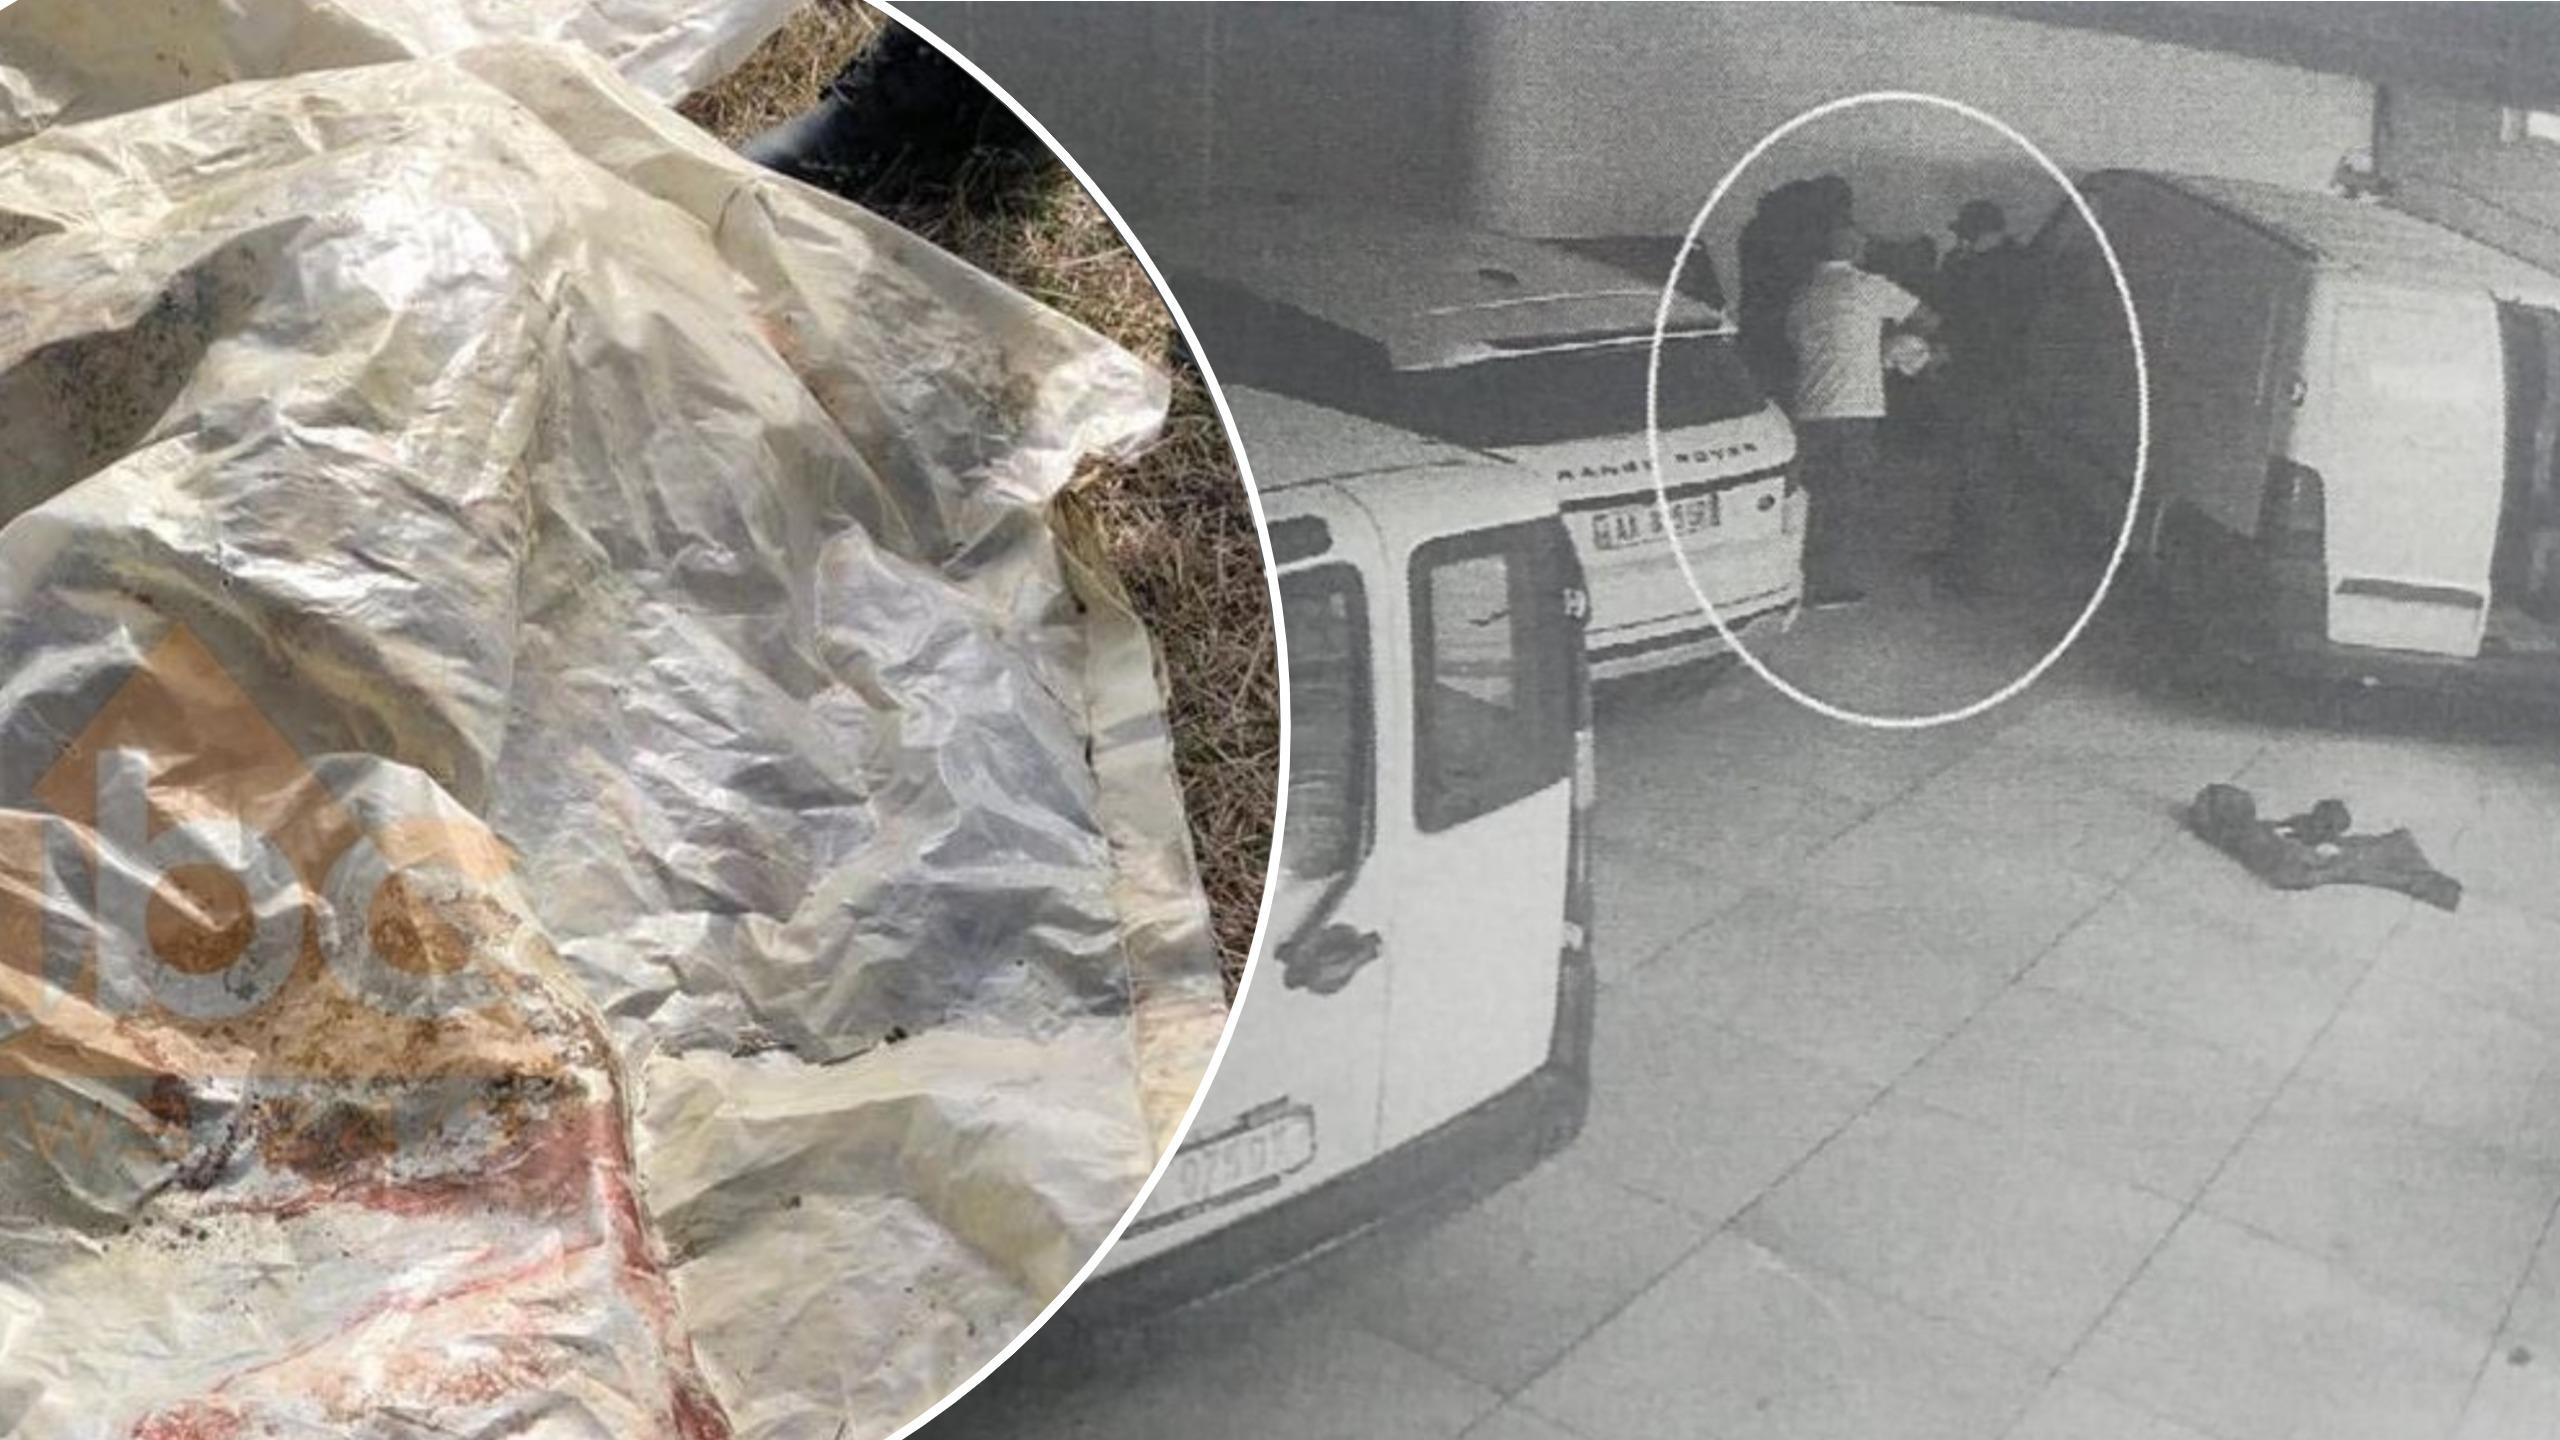 (EMRAT) Rrëmbimi dhe zhdukja e Jan Prengës, SPAK merr dy të pandehur